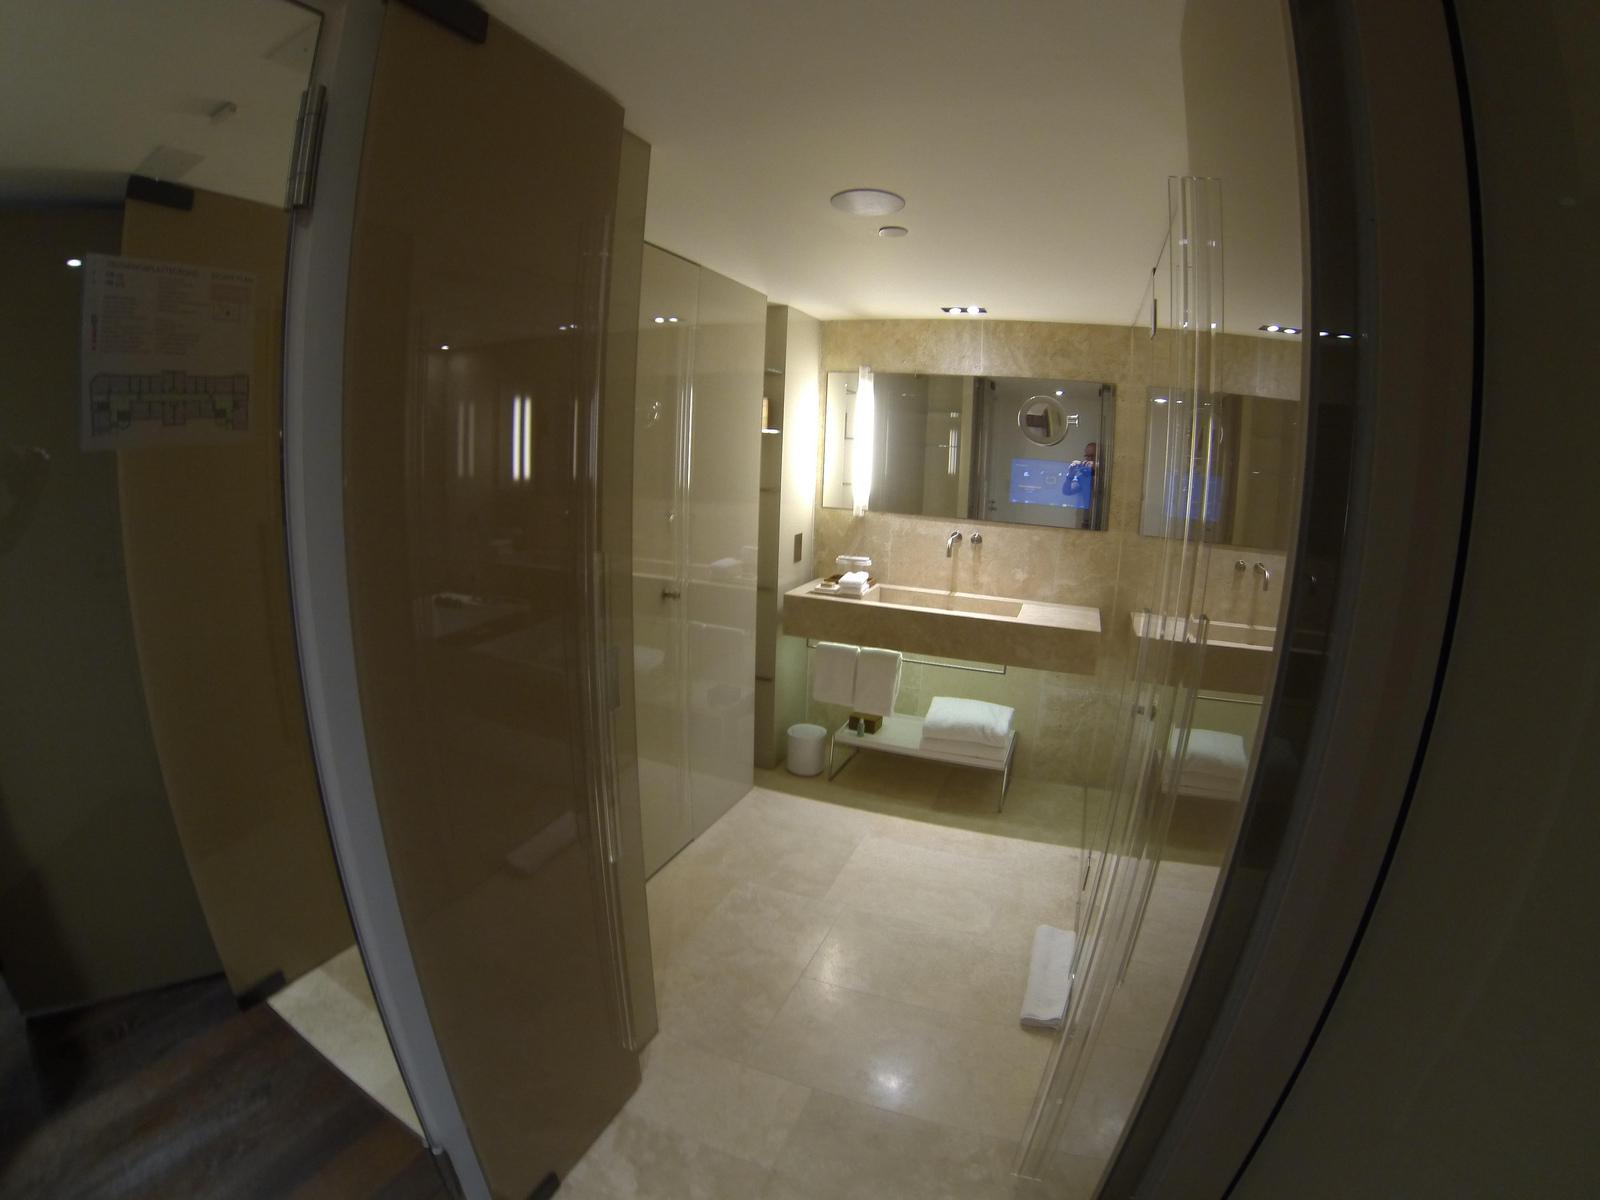 conservatorium-hotel-amsterdam-tv-in-mirror-downstairs-bathroom.jpg